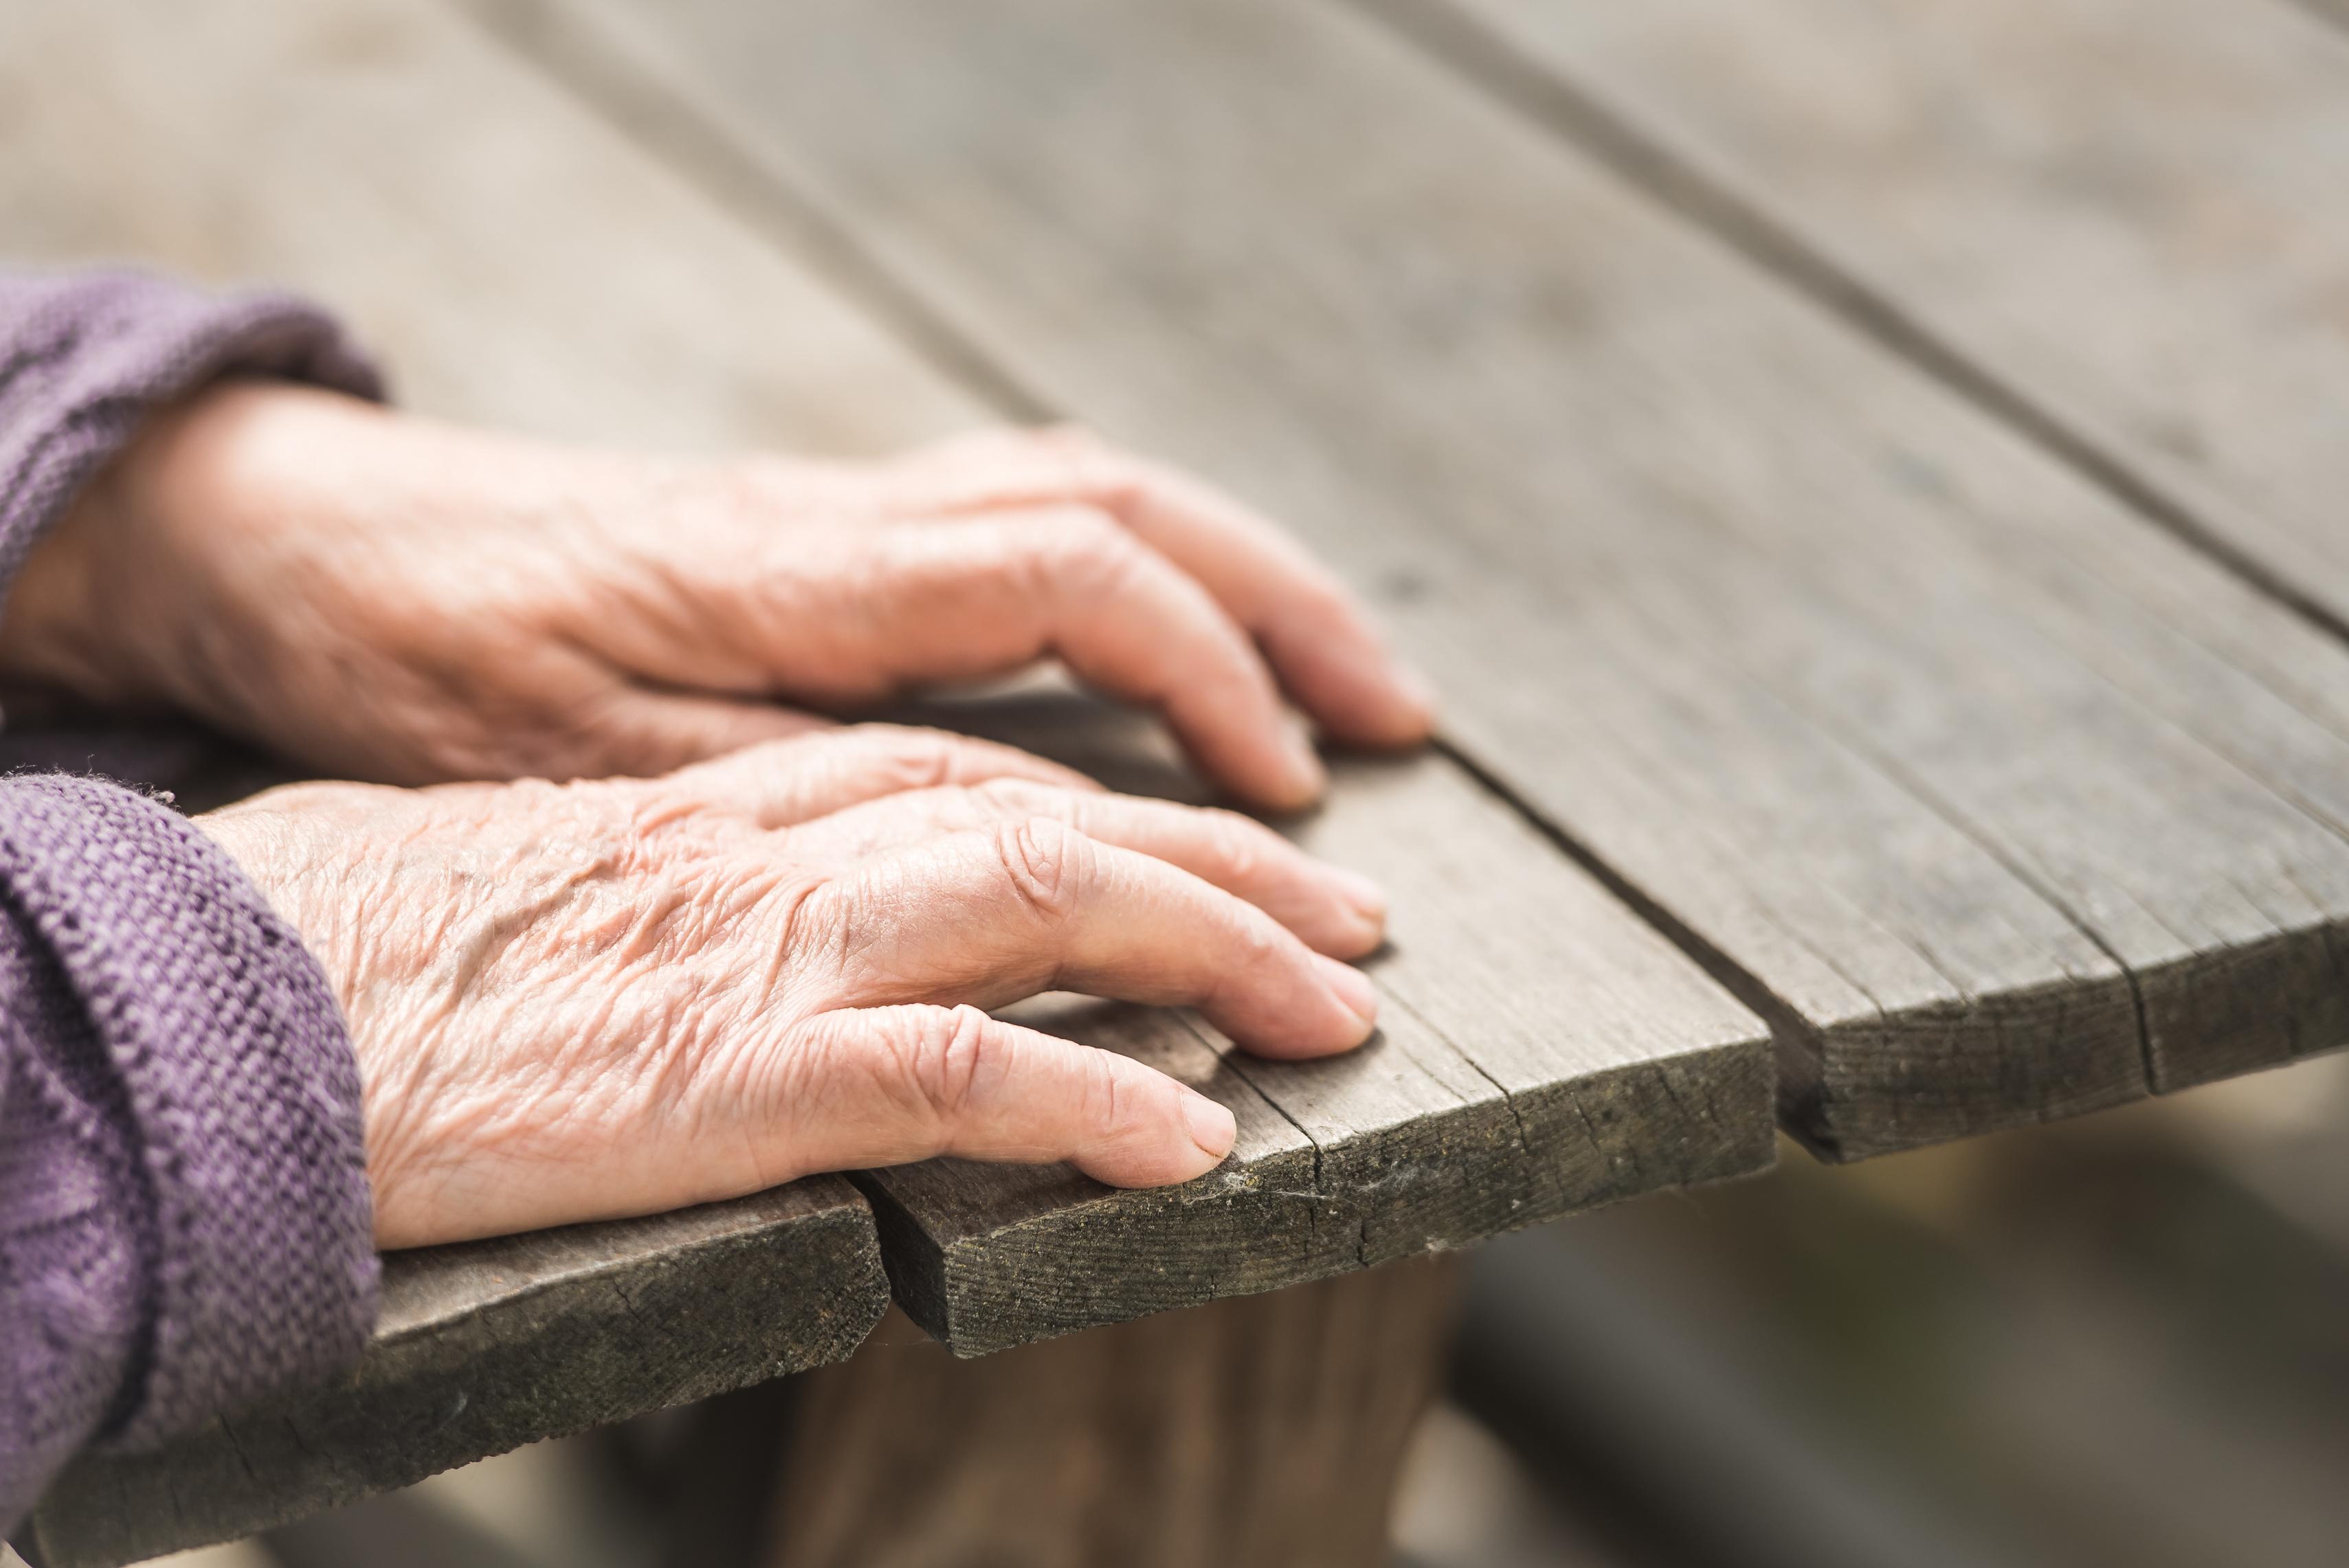 tinder x betygsatt prostata massage